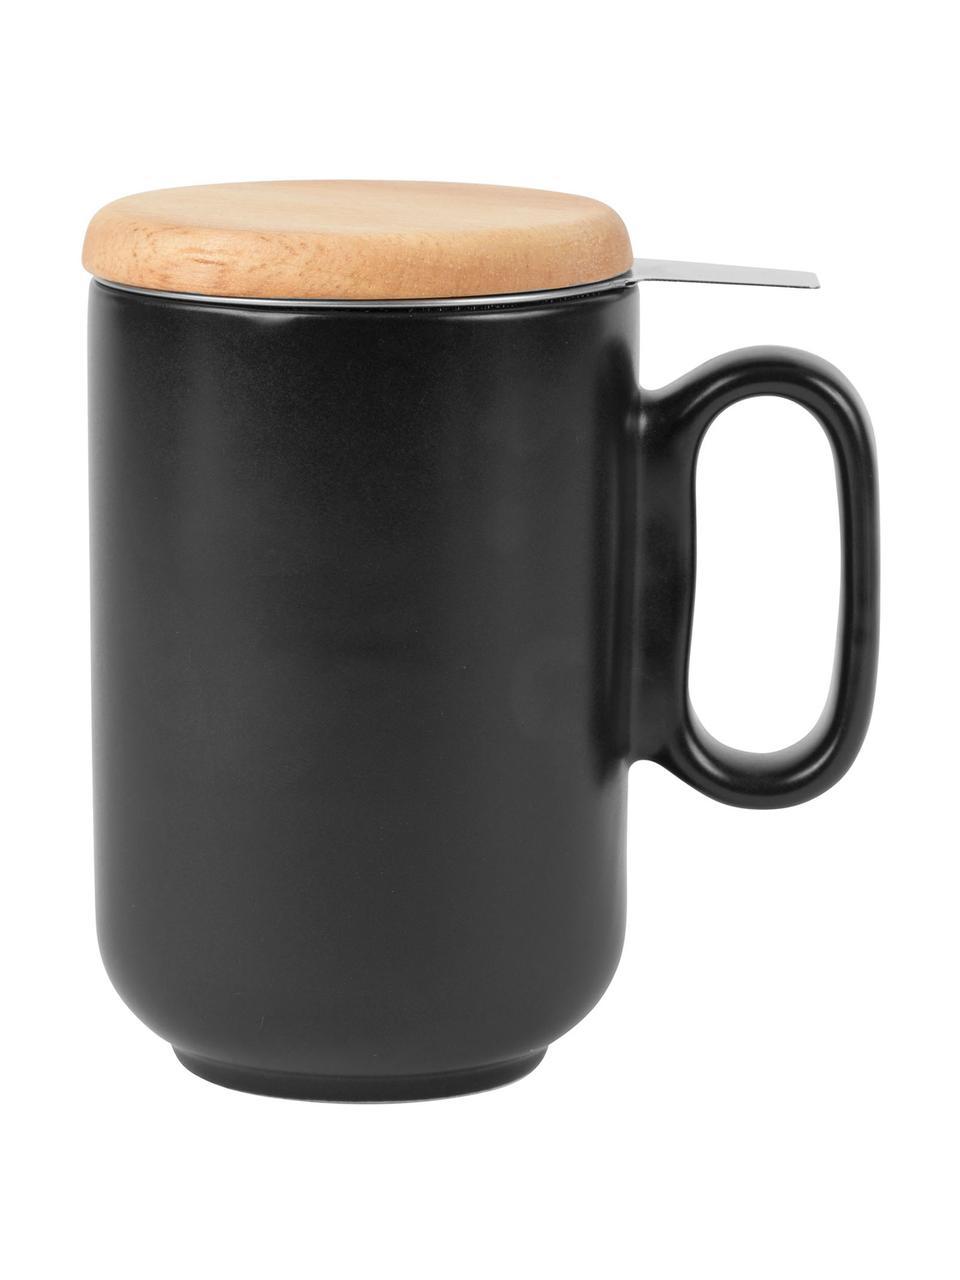 Tasse Baltika mit Teesieb und Deckel, Becher: Steingut, Deckel: Bambus, Sieb: Rostfreier Stahl, Schwarz, Bambus, Ø 9 x H 14 cm